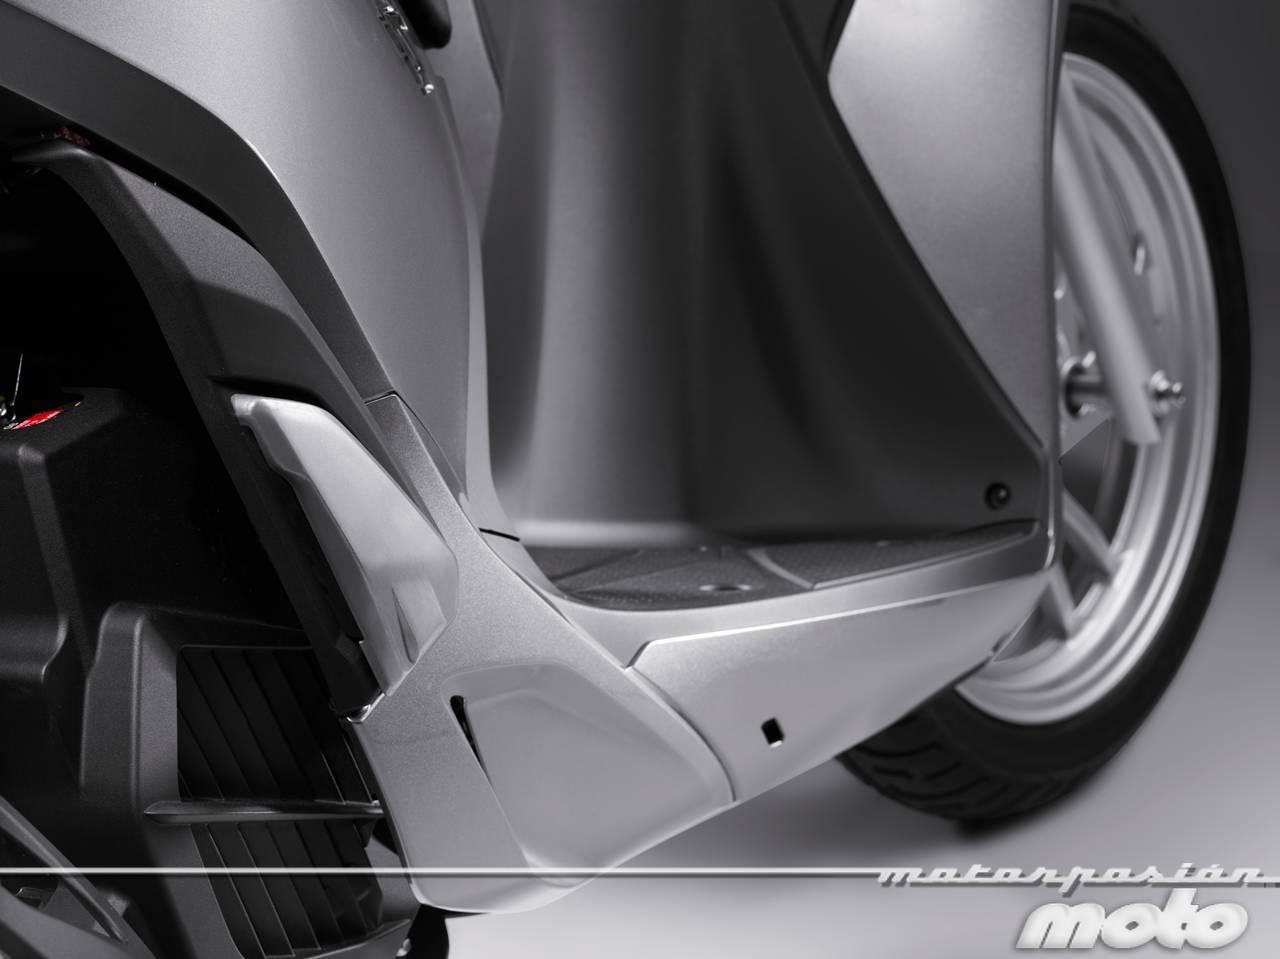 Foto de Honda Scoopy SH125i 2013, prueba (valoración, galería y ficha técnica)  - Fotos Detalles (59/81)